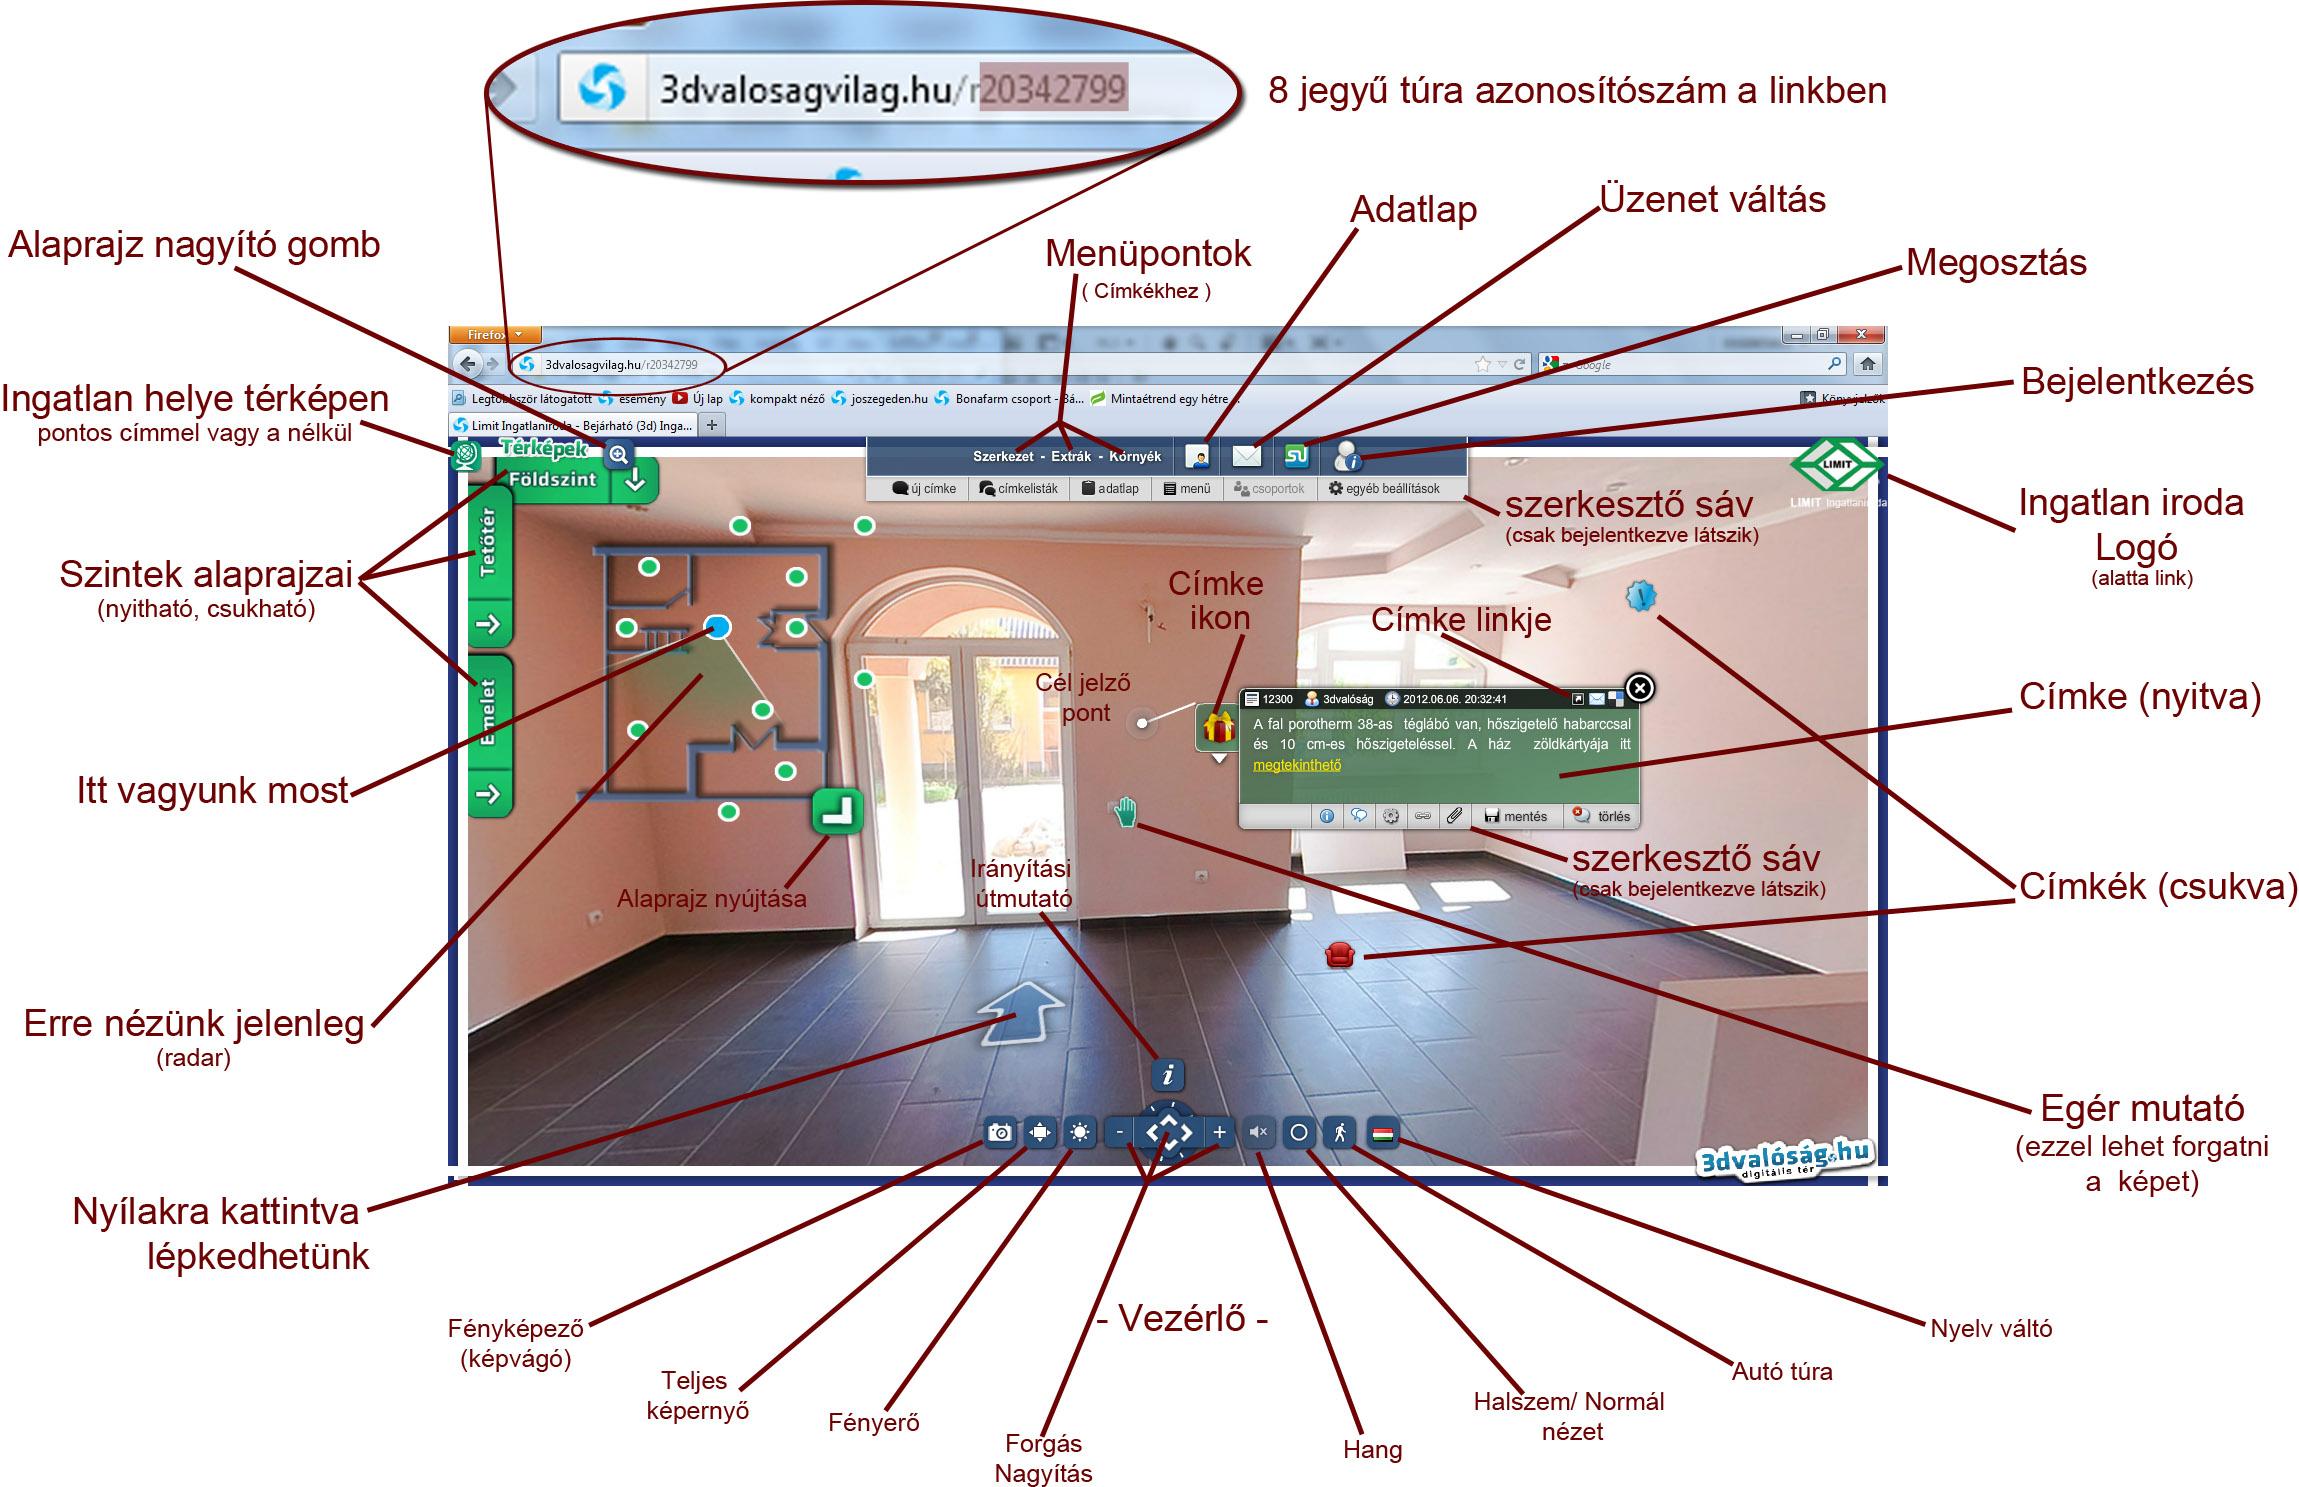 webseta.jpg